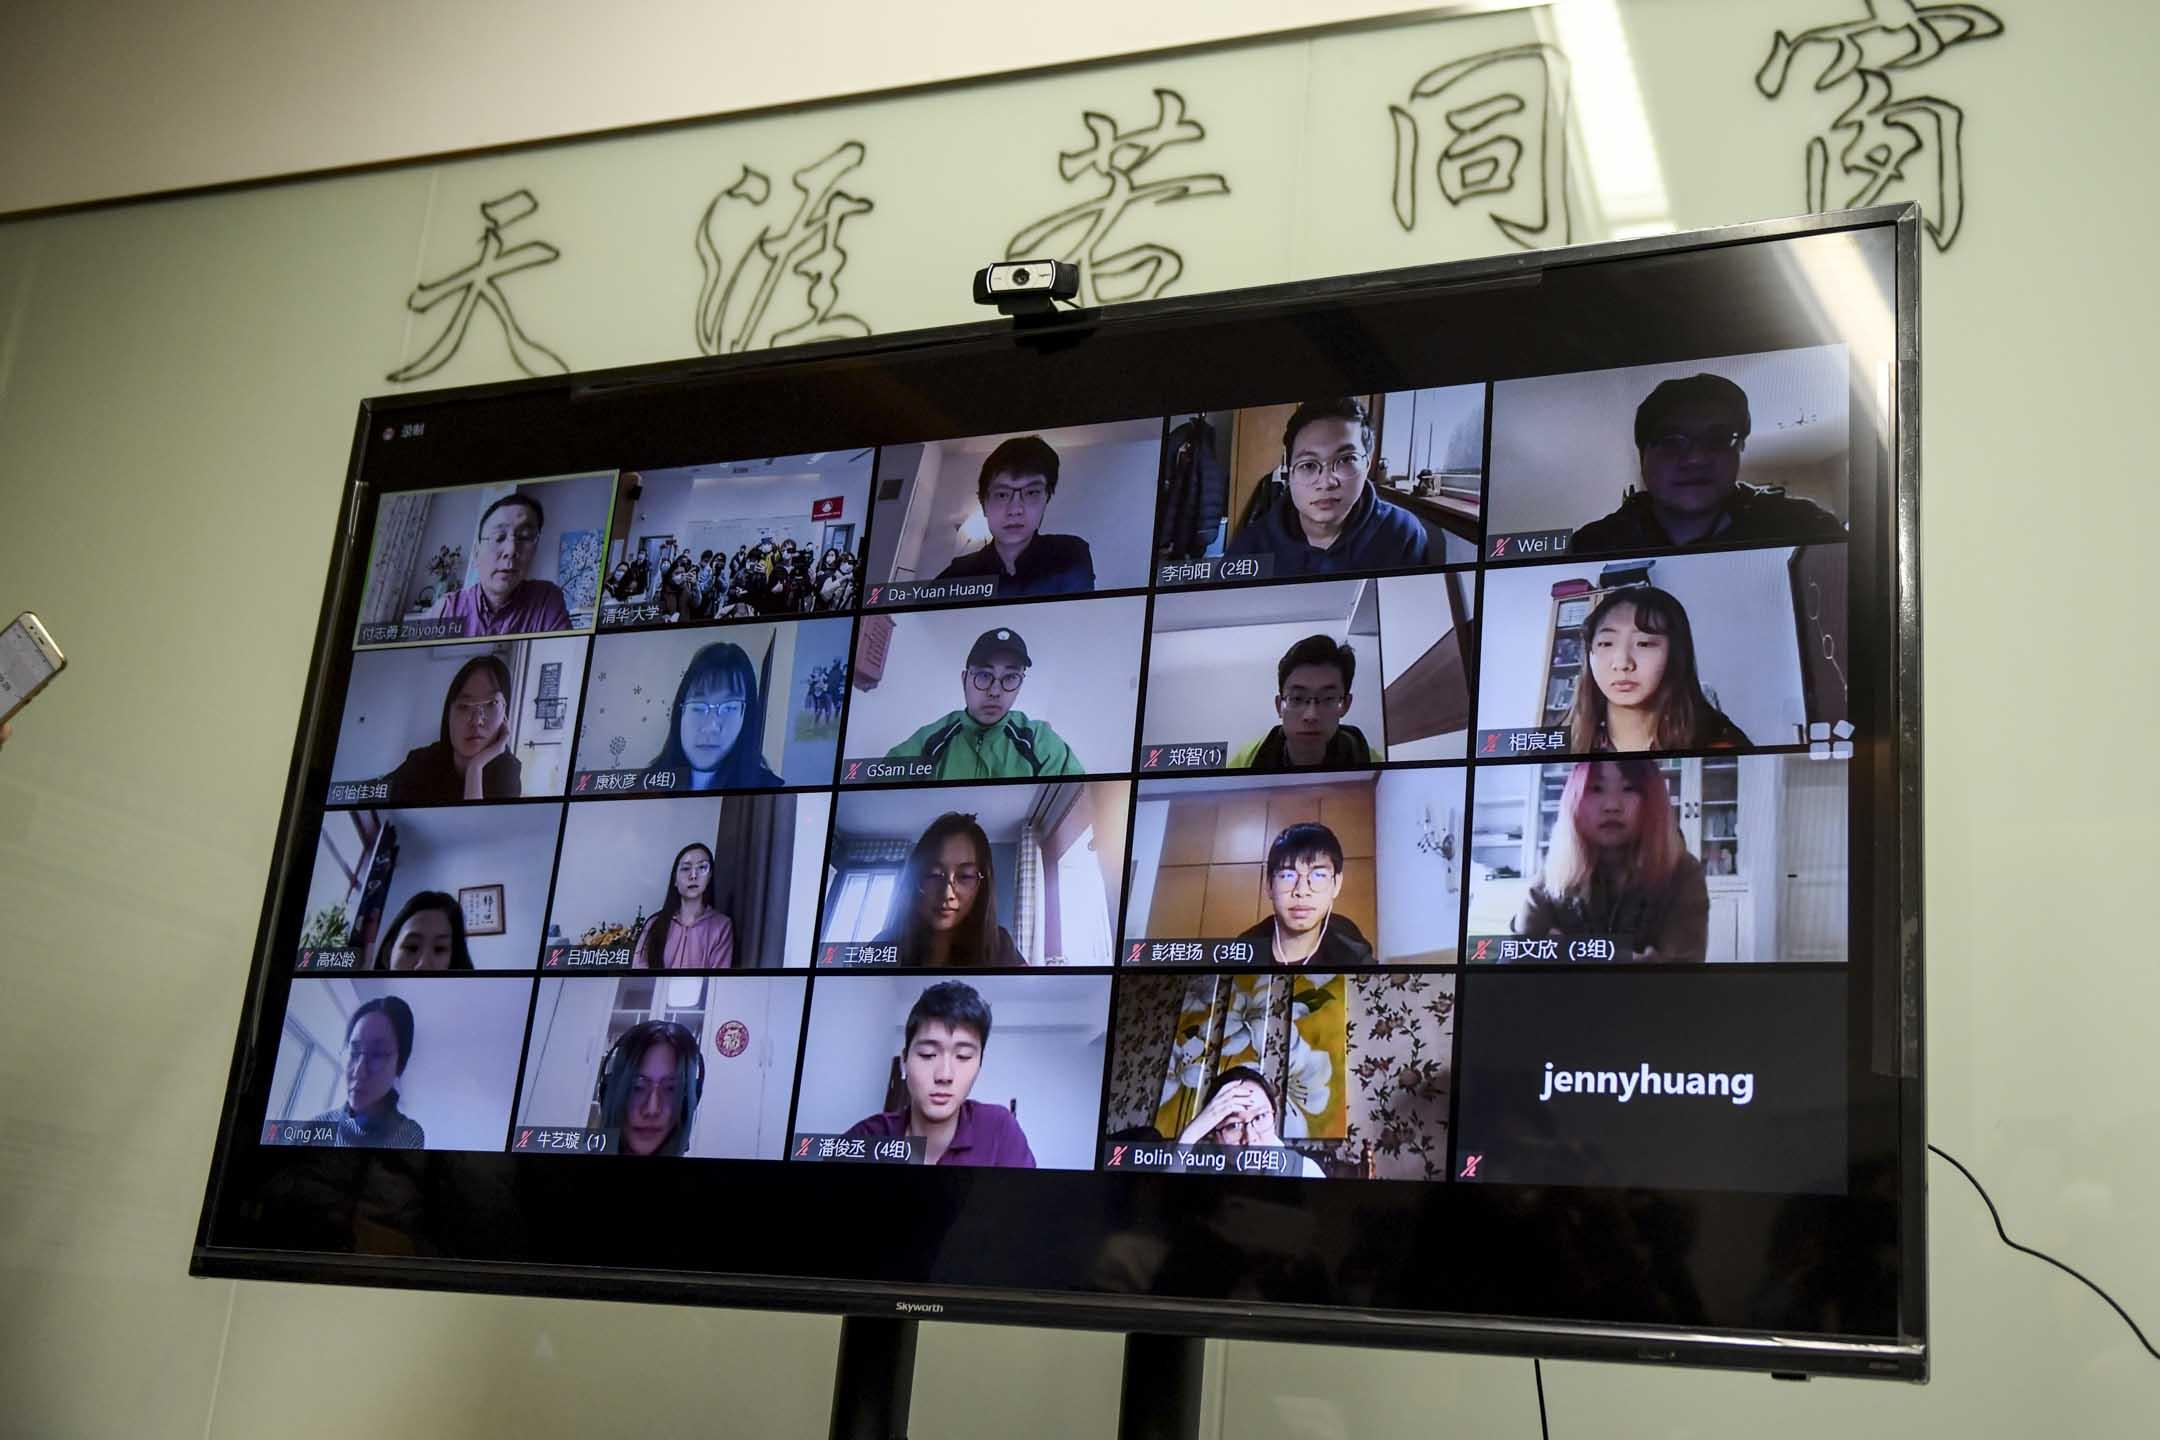 2020年2月28日,北京清華大學藝術與設計學院正進行網上上課,學生們在教室的屏幕上。